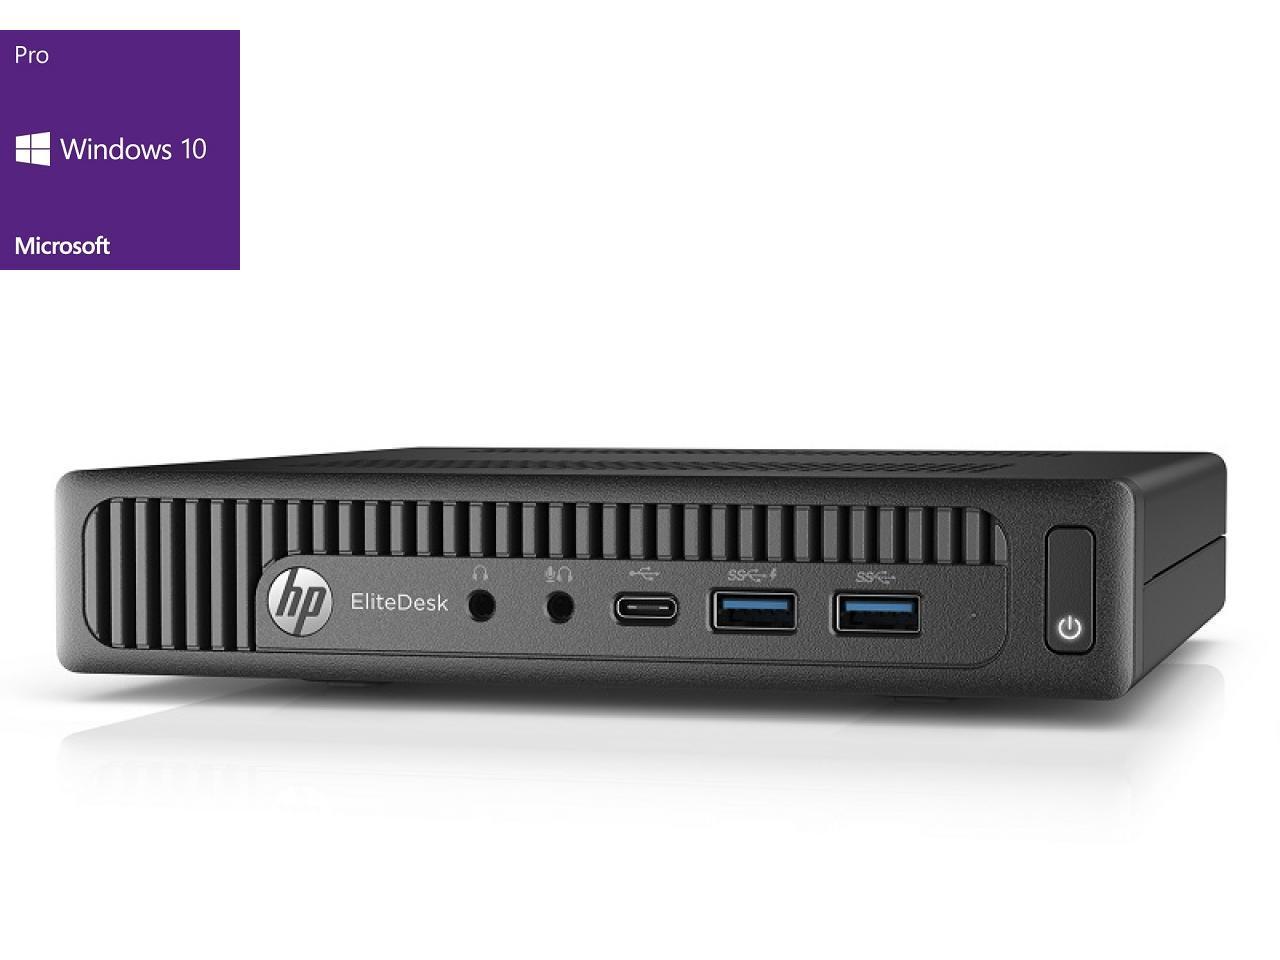 Hewlett Packard EliteDesk 800 G2 Tiny (1x DP) MP  - shop.bb-net.de